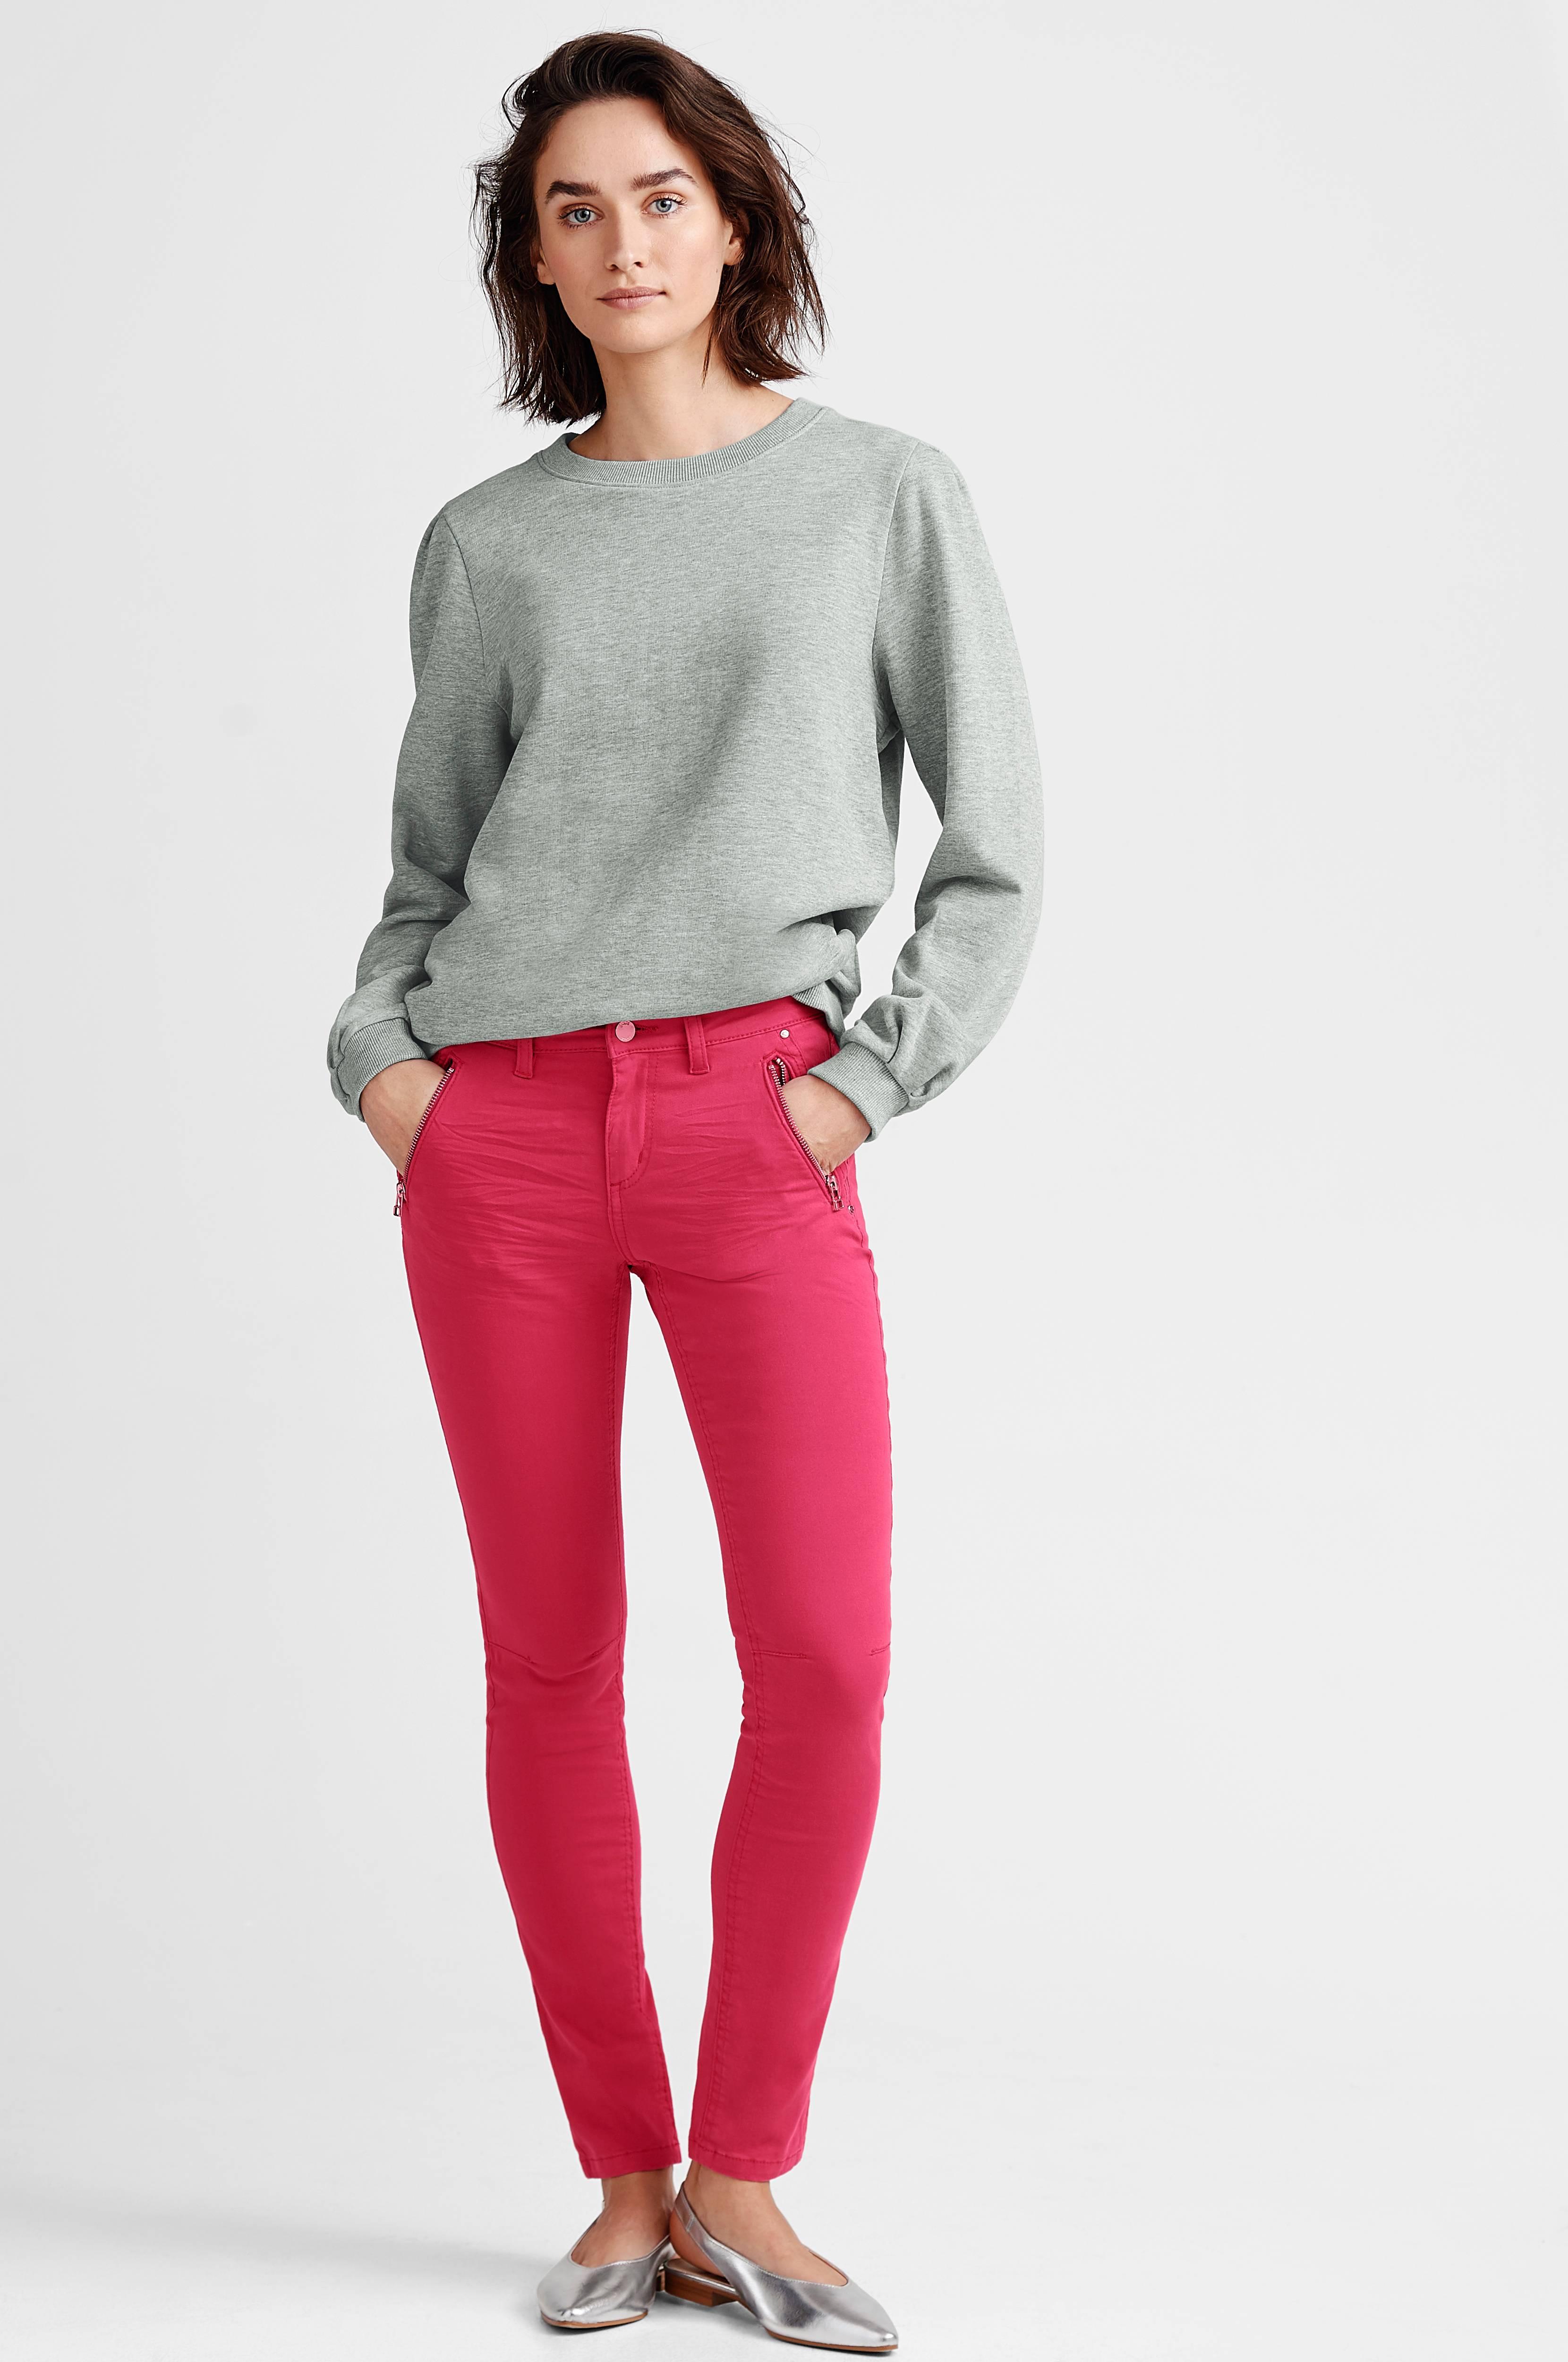 Ellos Collection Bukse Minna Rosa Bukser Ellos.no